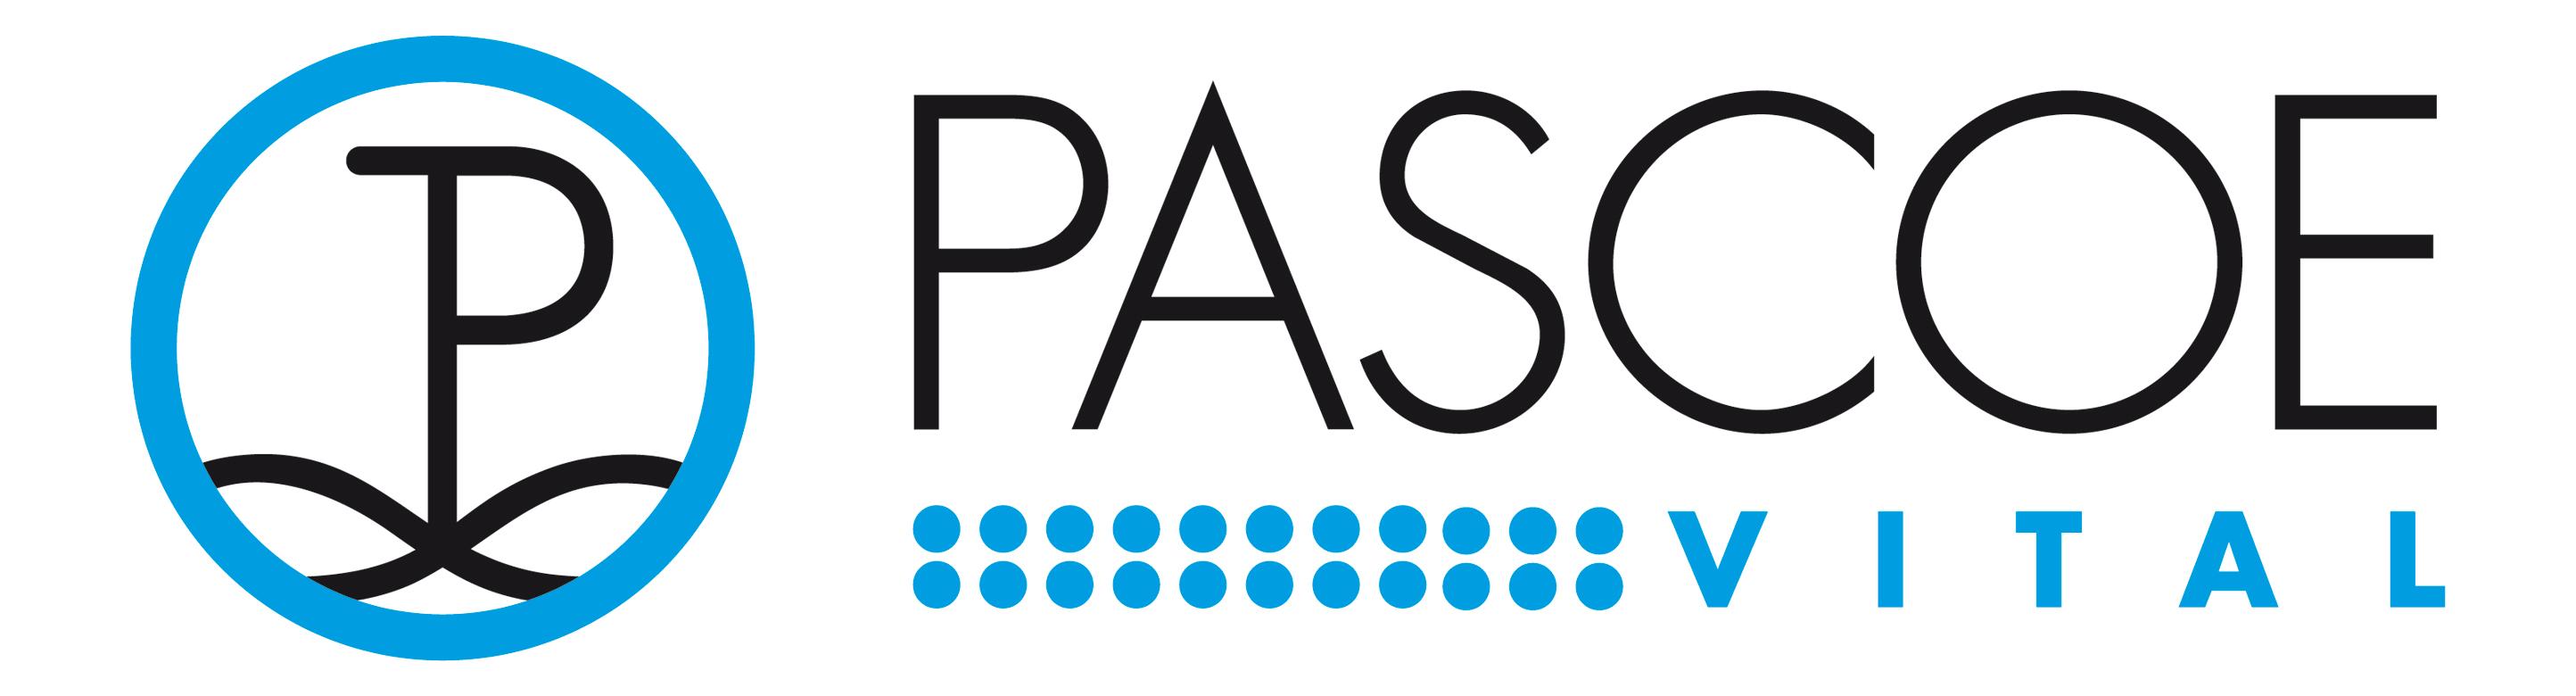 Logo Pascoe Vital